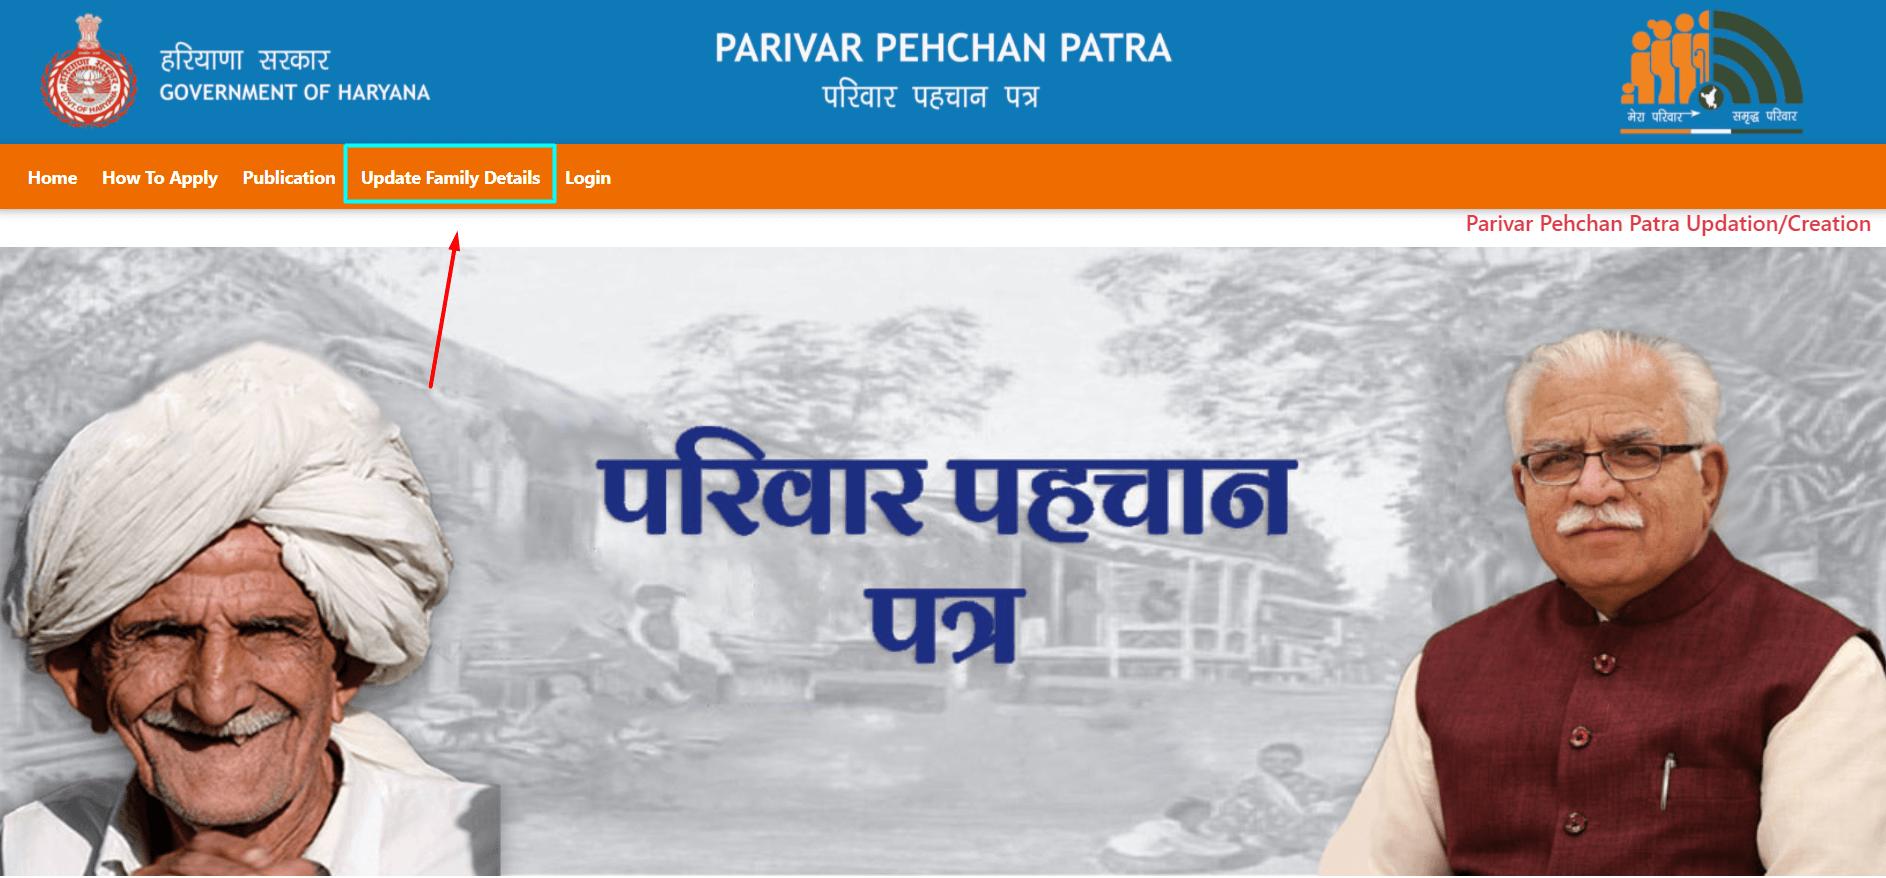 haryana-pariwar-pehchan-ptr